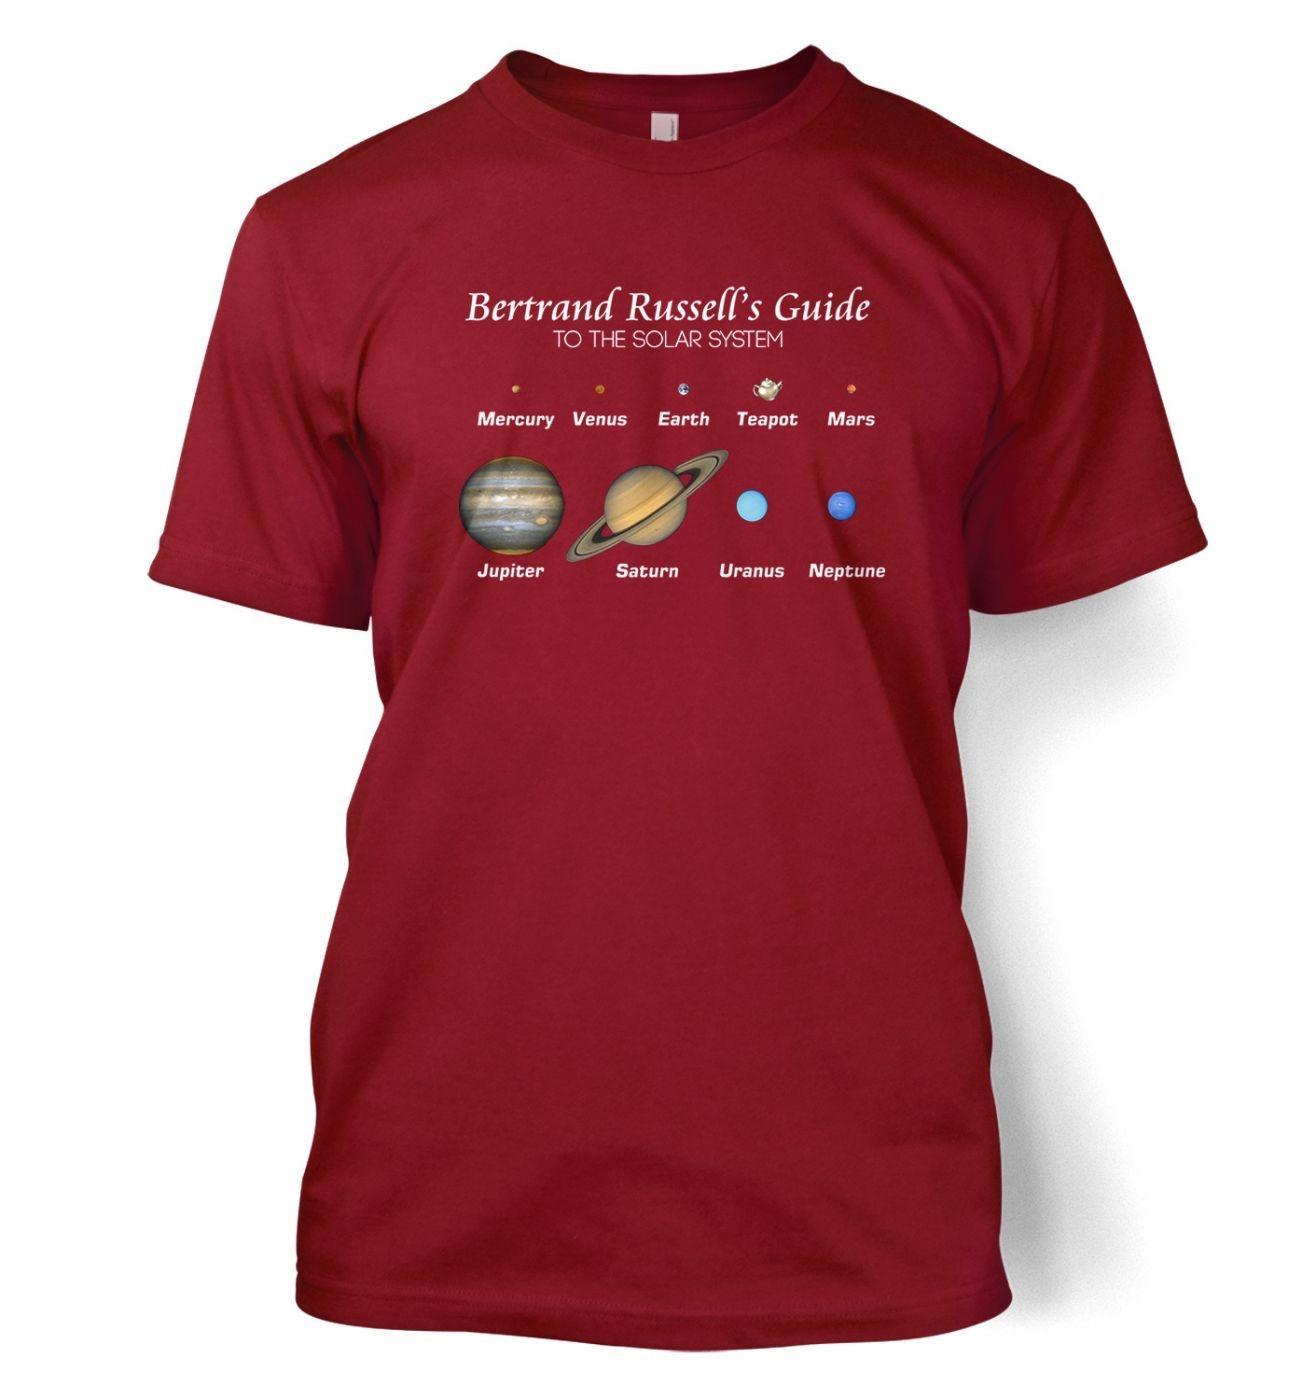 Bertrand Russell's Guide t-shirt